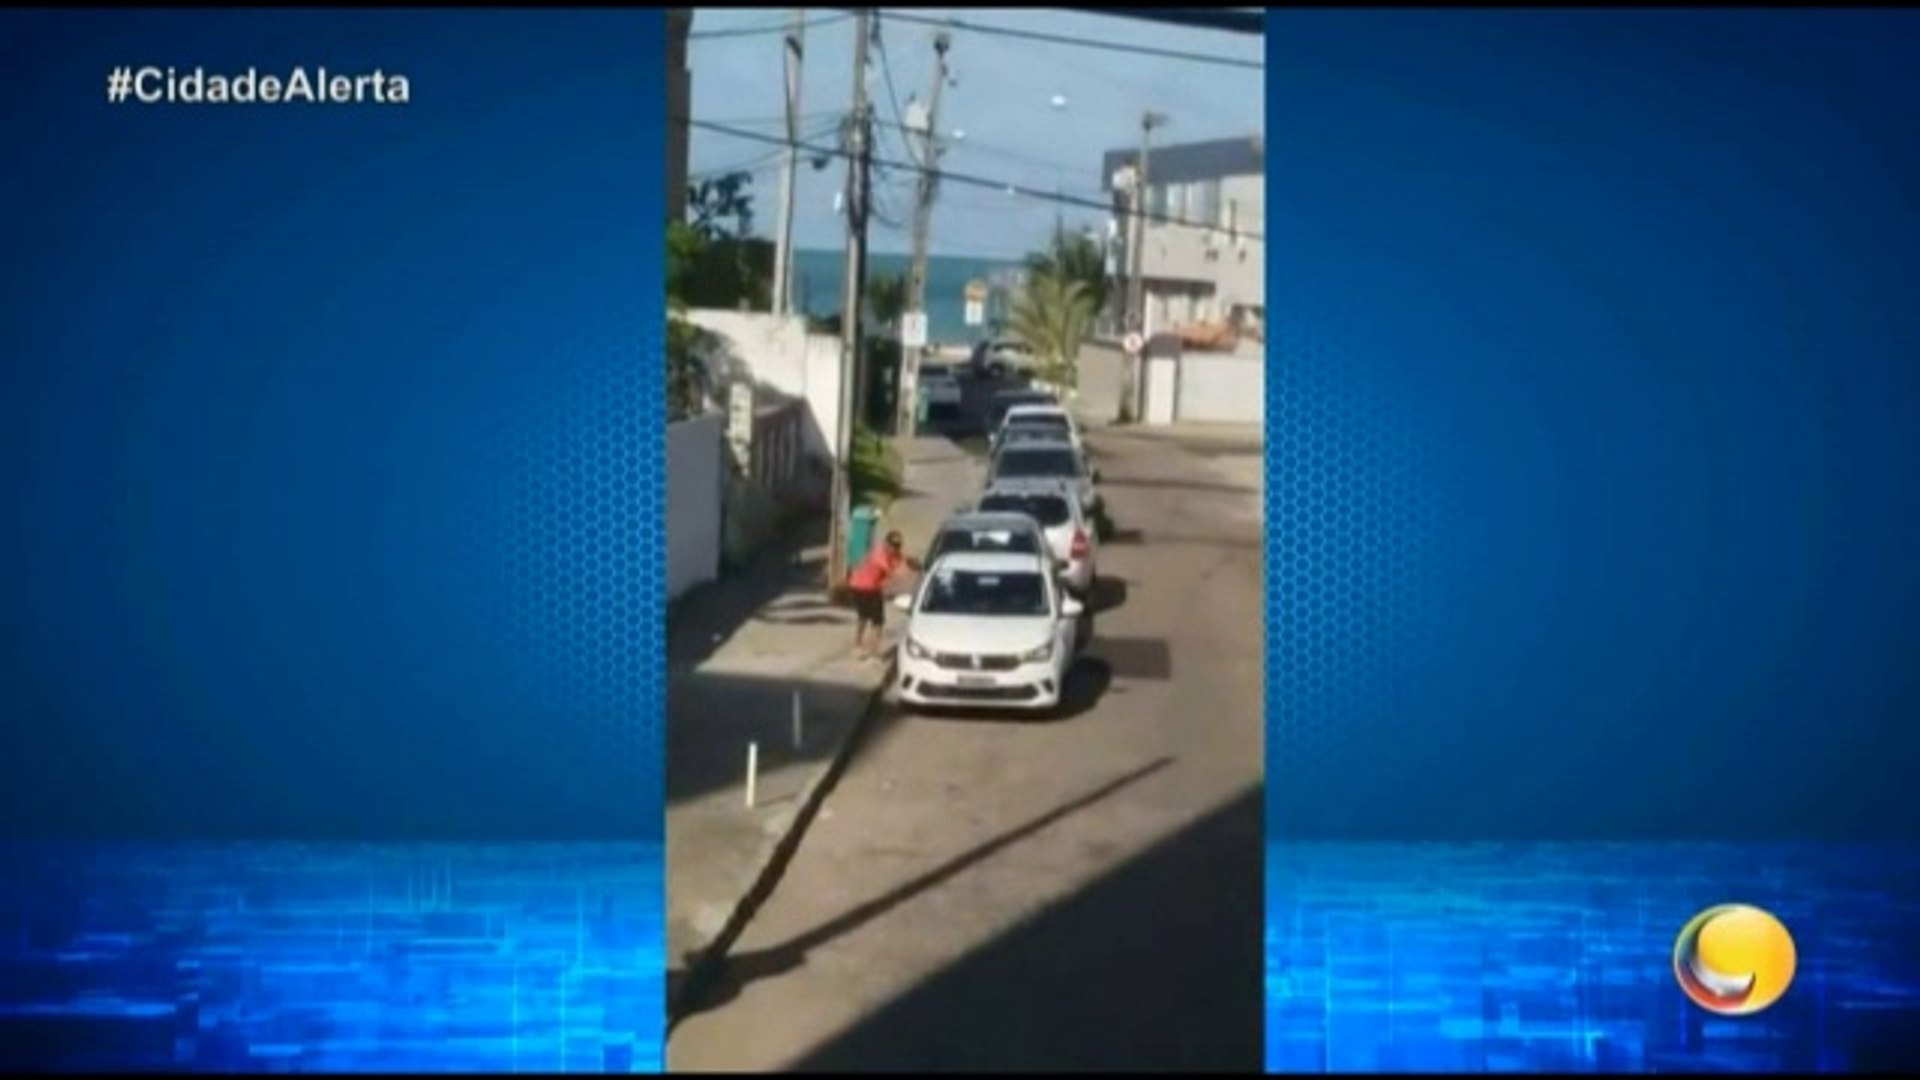 Cidade Alerta Paraíba - Repórter Emerson Machado voltou ao local onde um carro foi furtado no bairro